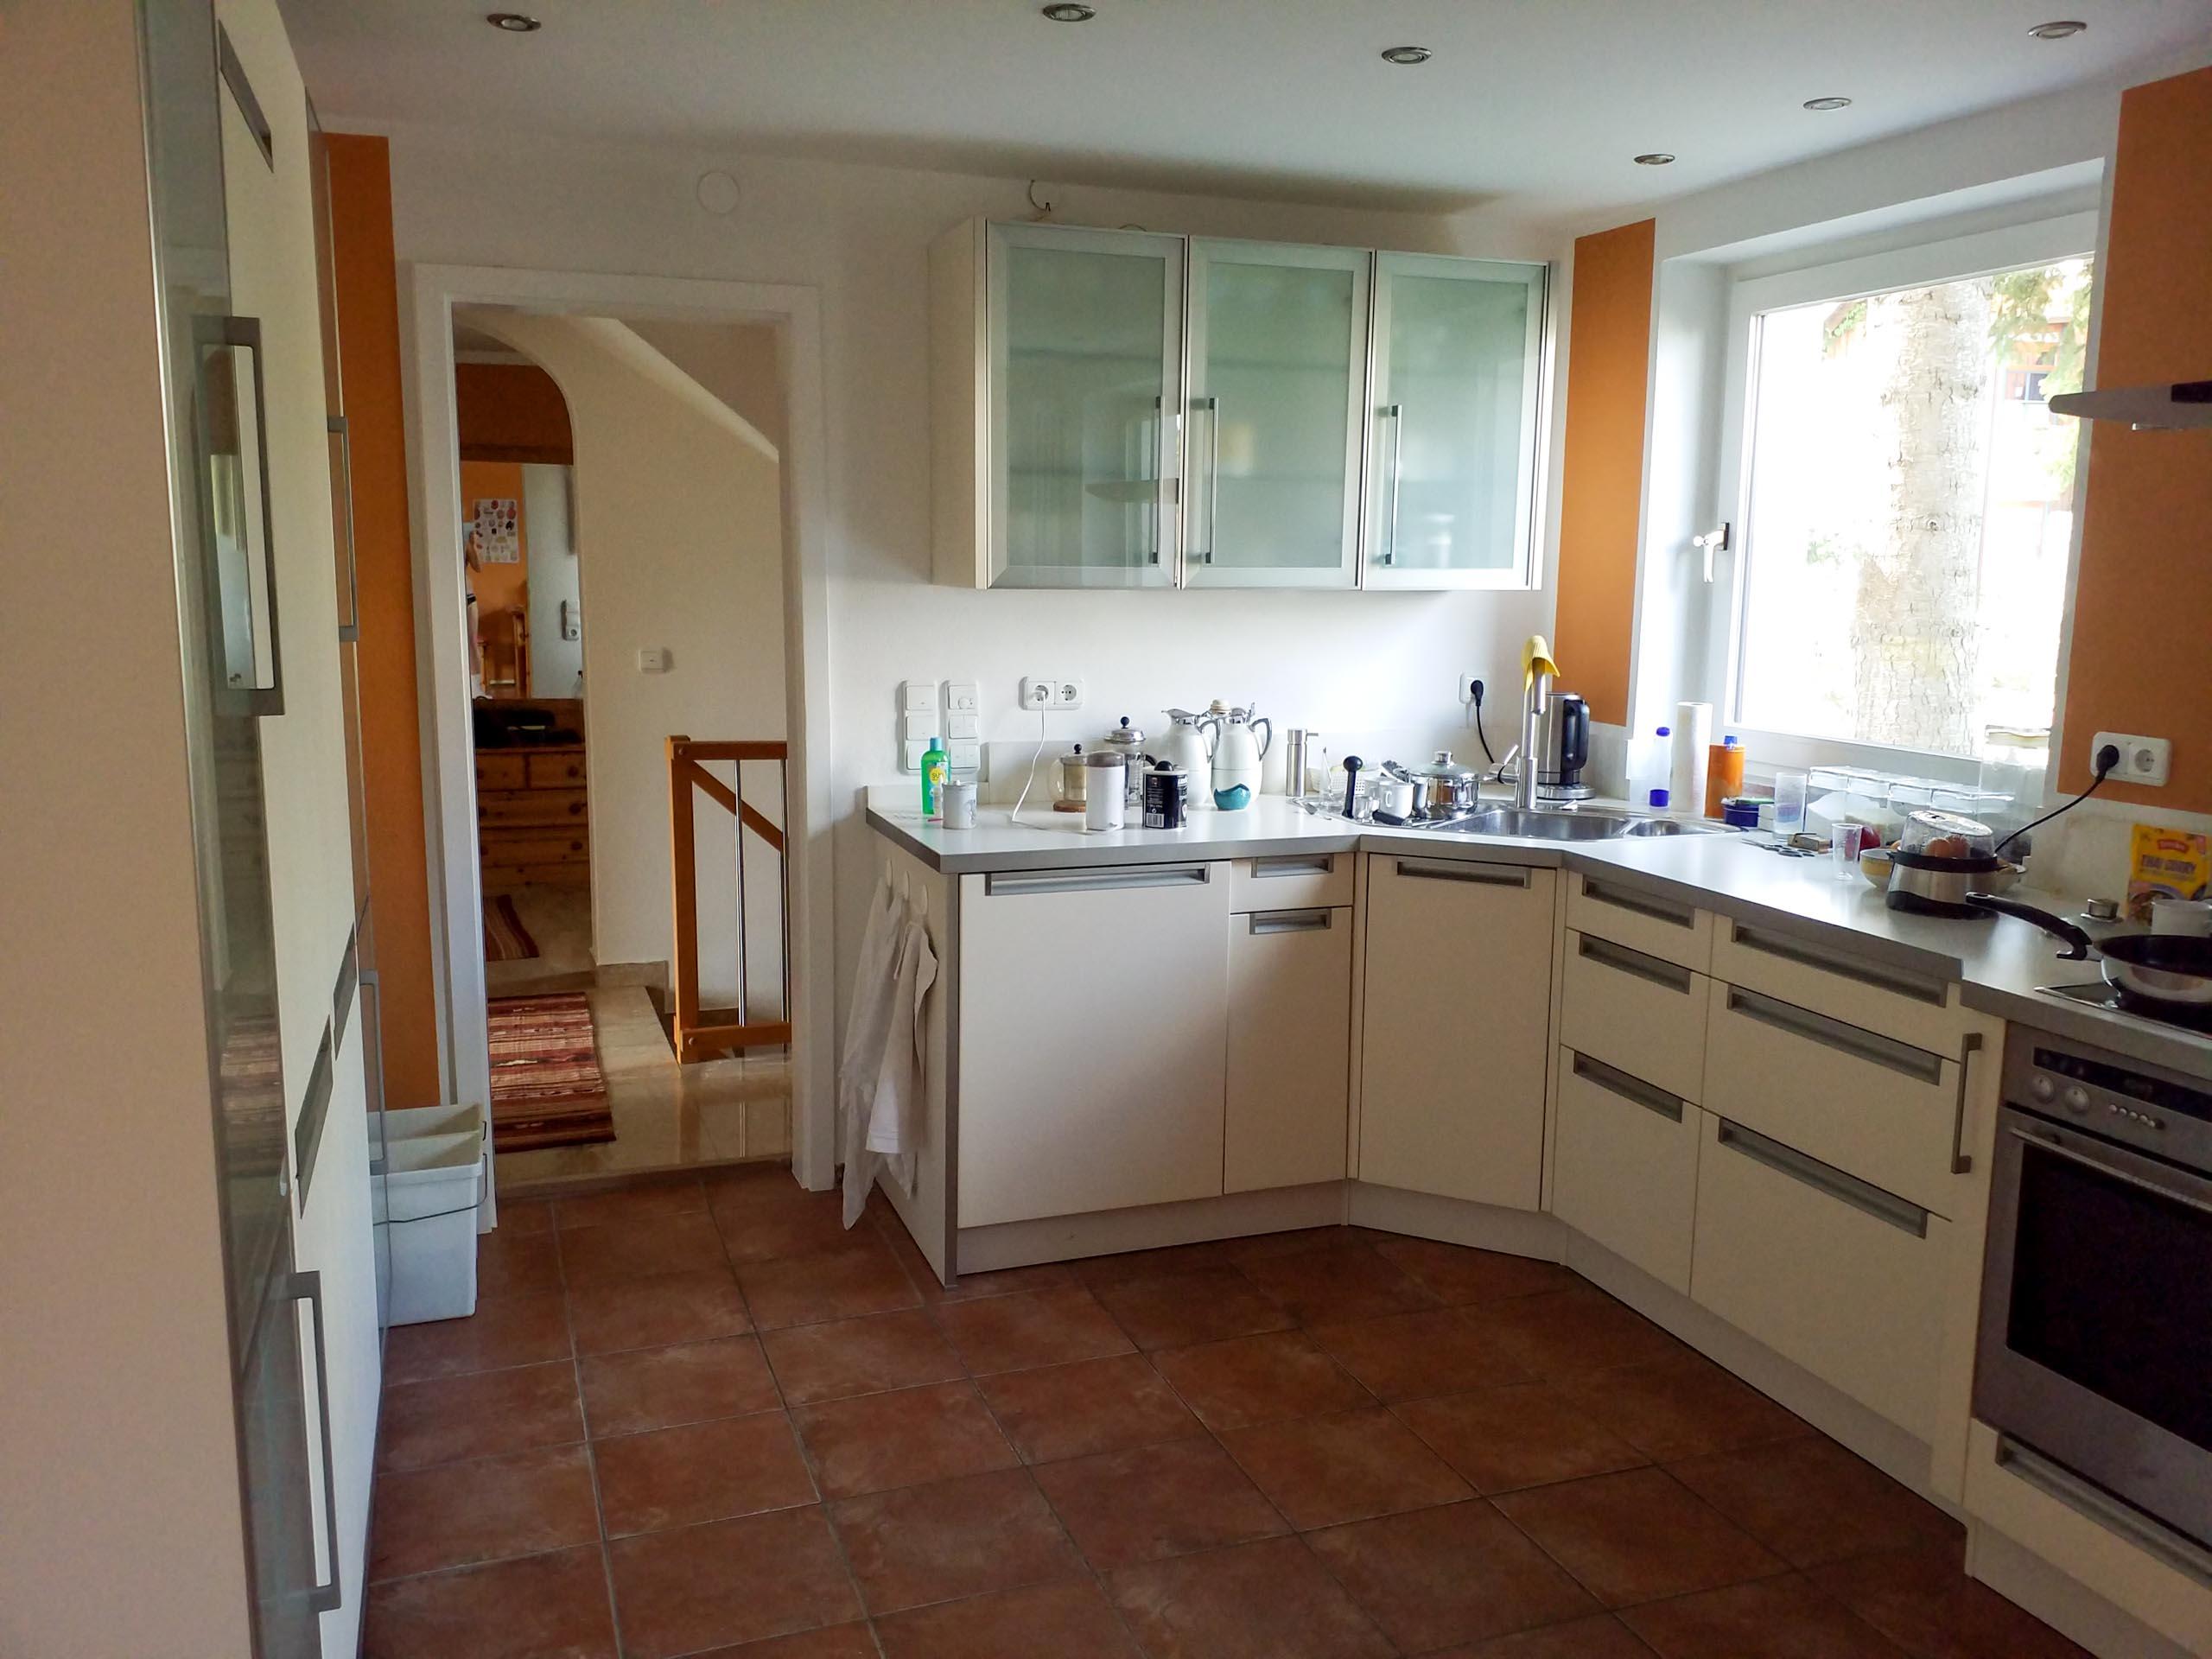 HA 2020 5 kitchen 004